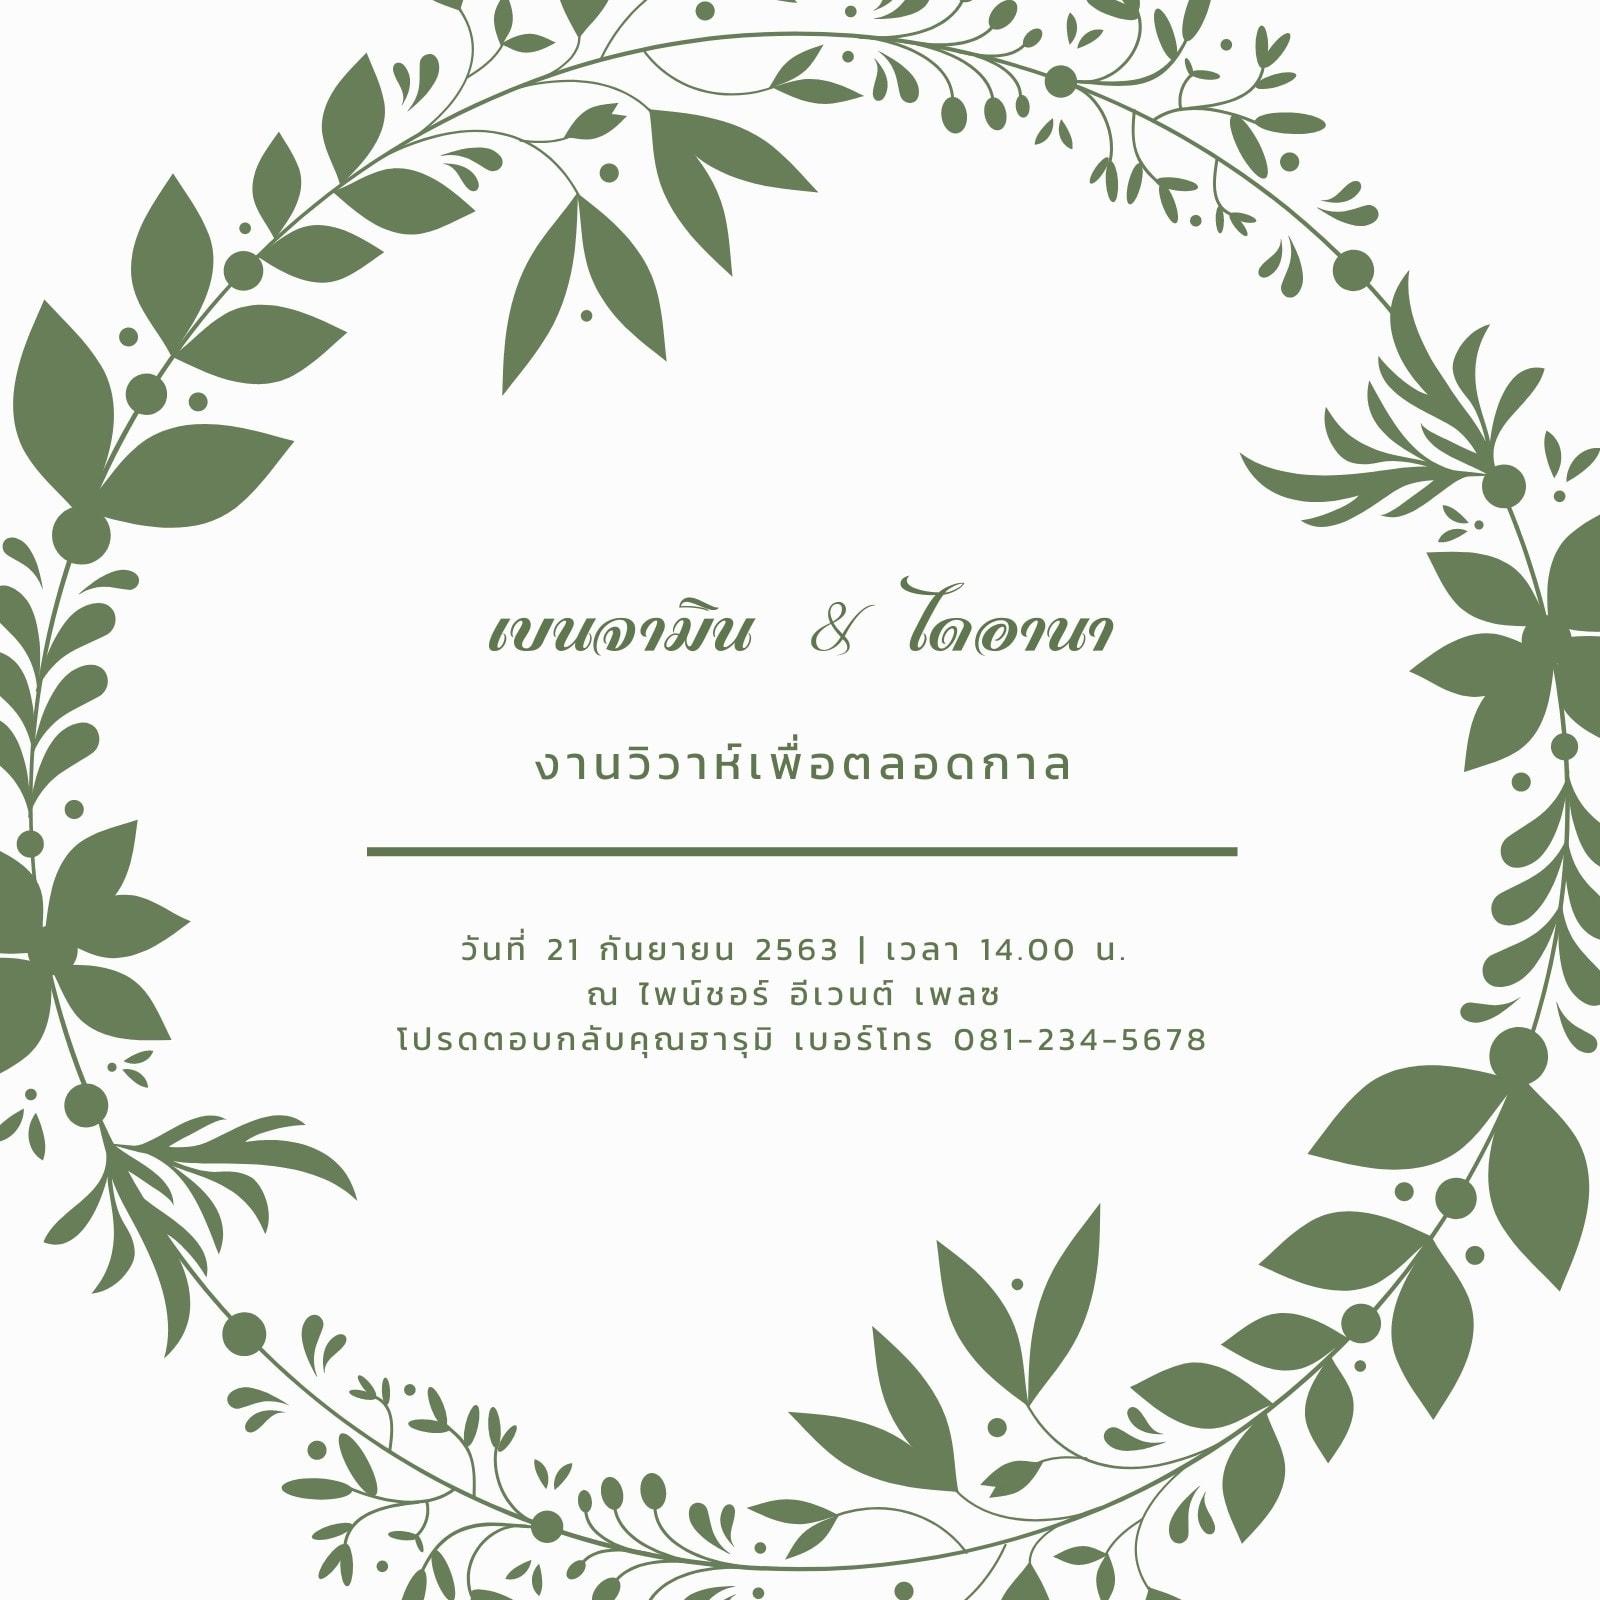 คำเชิญ งานแต่งงาน หรูหรา พวงมาลัยสีเขียว สีขาวและสีมะกอก